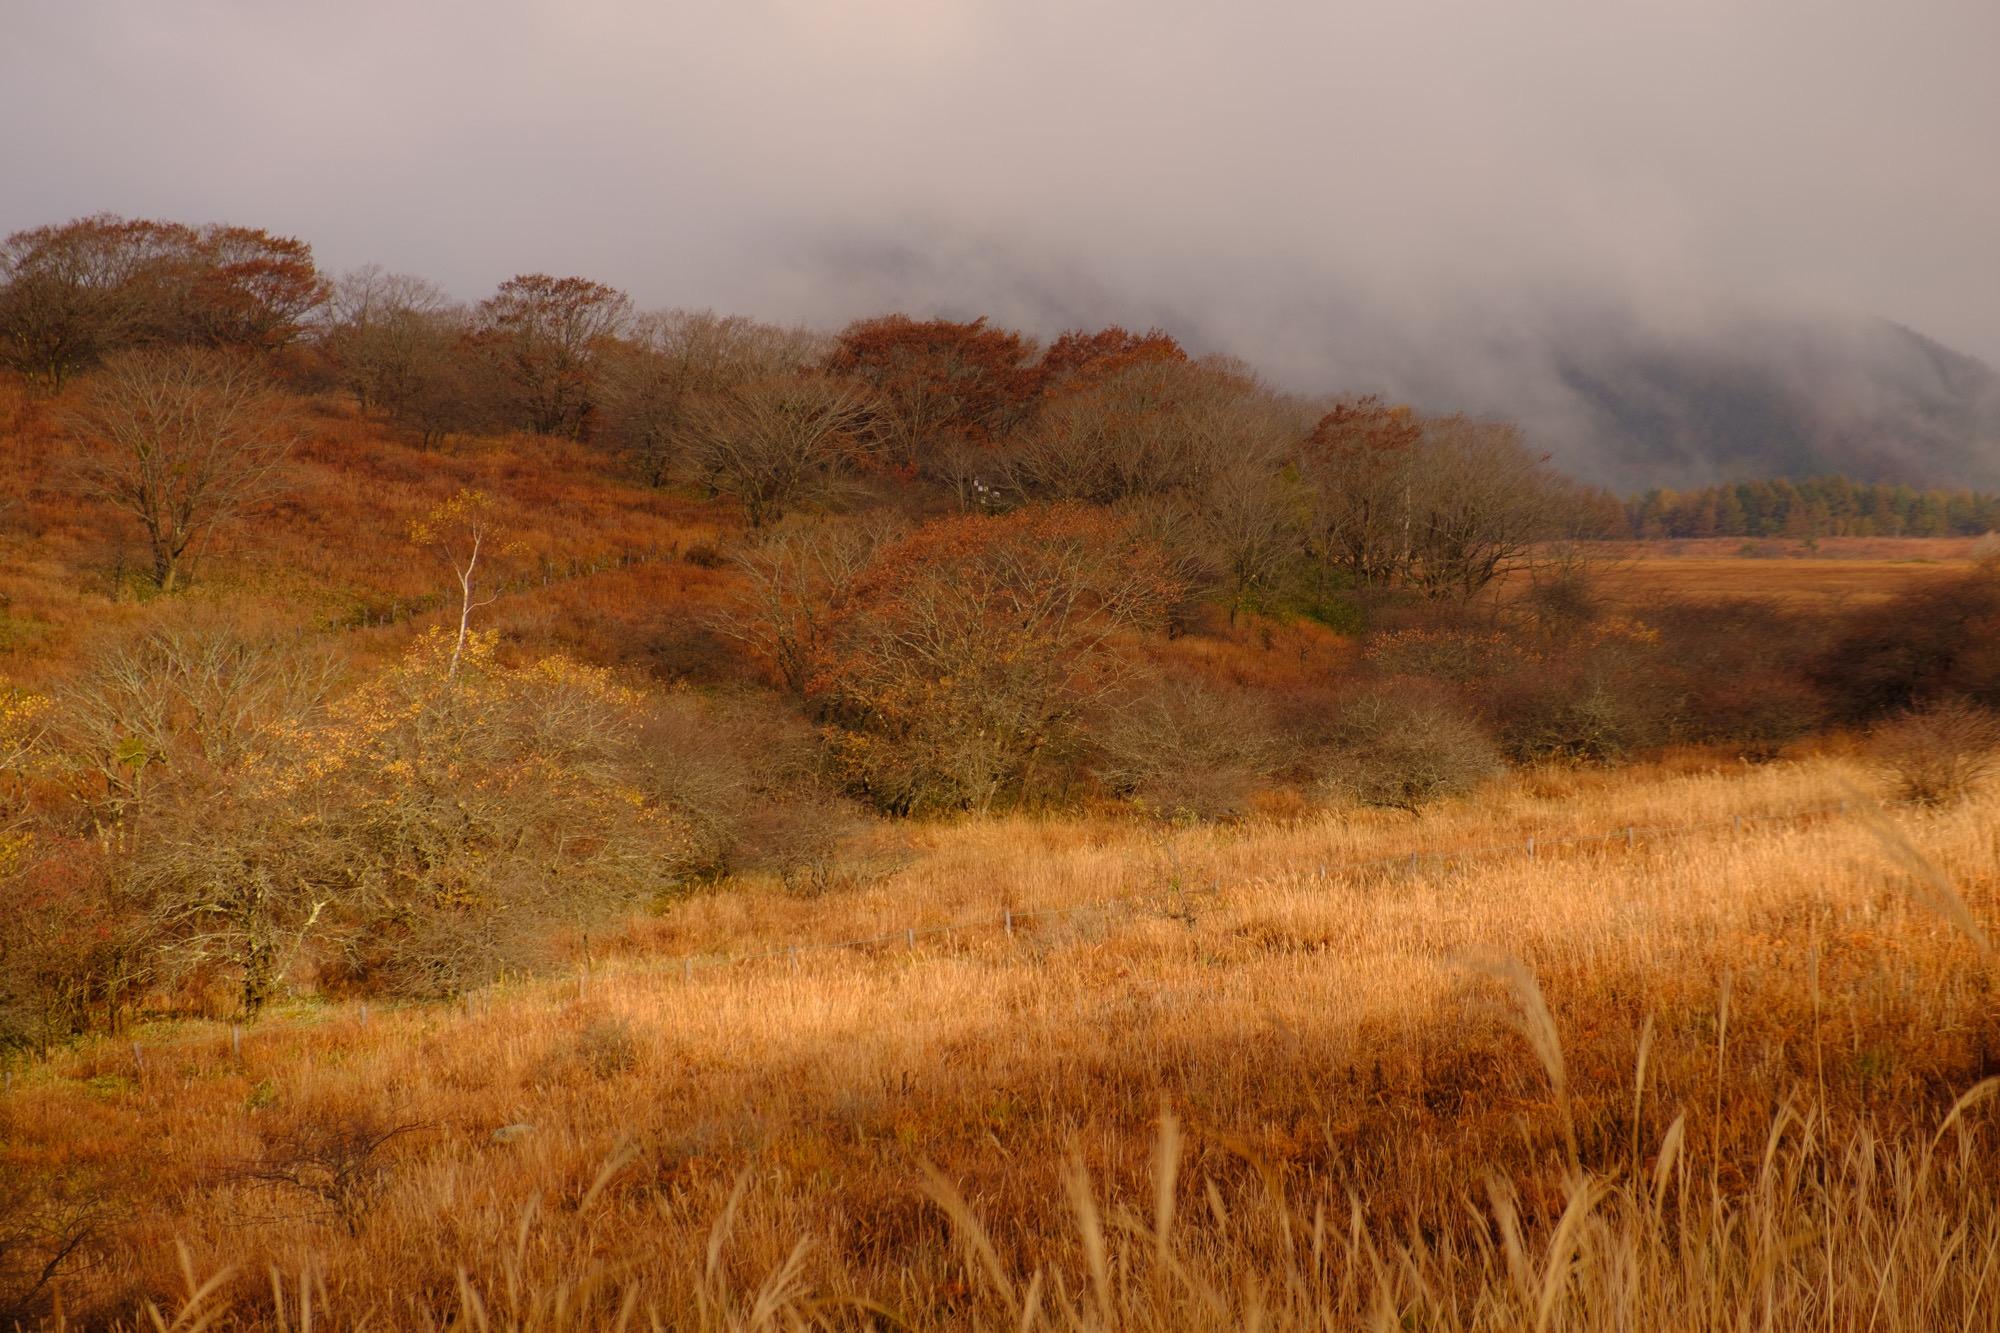 秋の霧ヶ峰と立ち込める霧